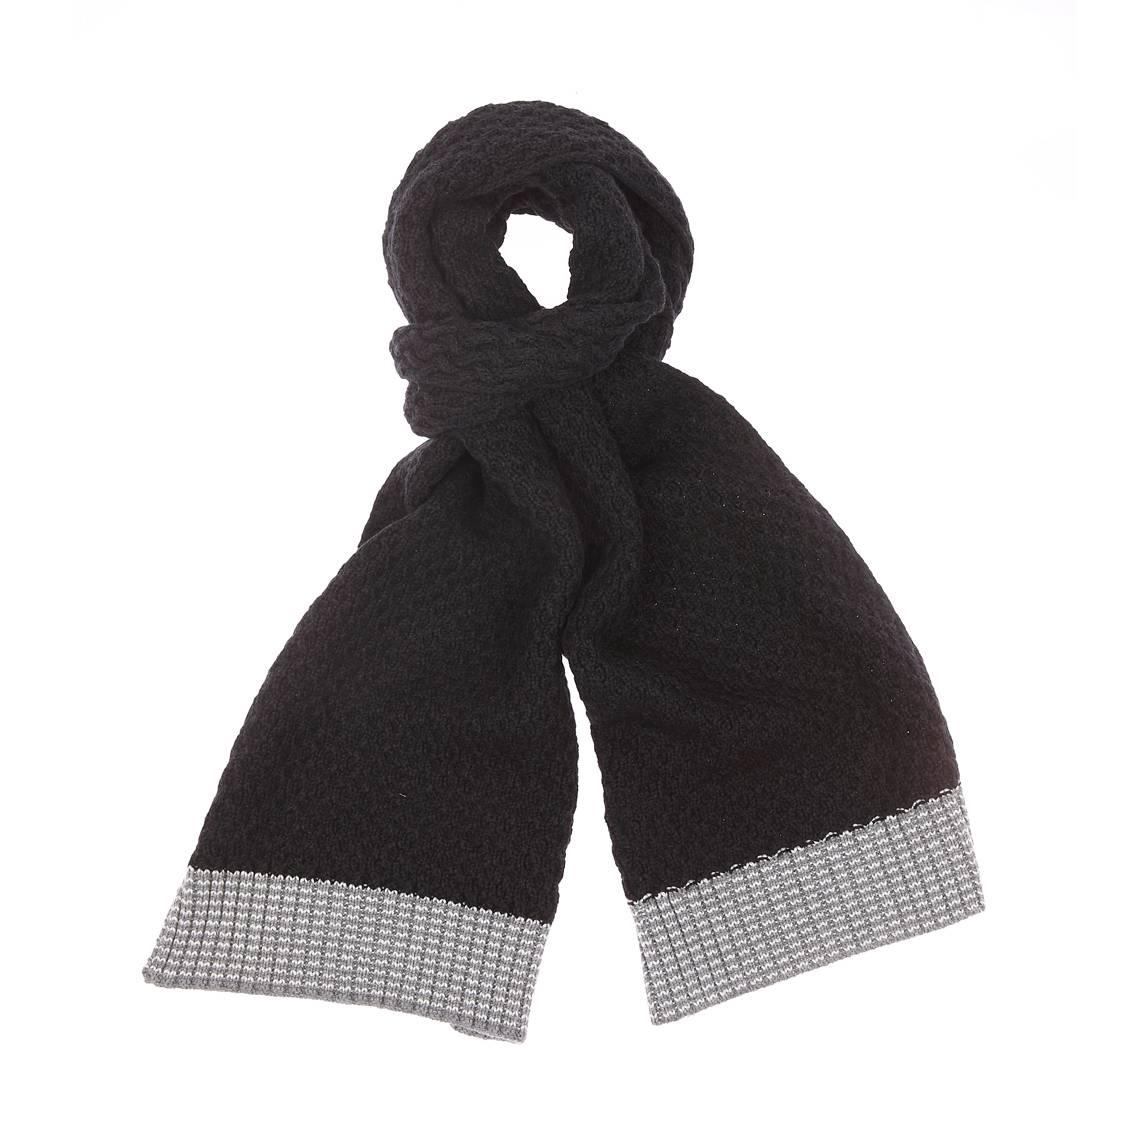 Echarpe tricotée rujcha  noire et gris clair en coton et laine